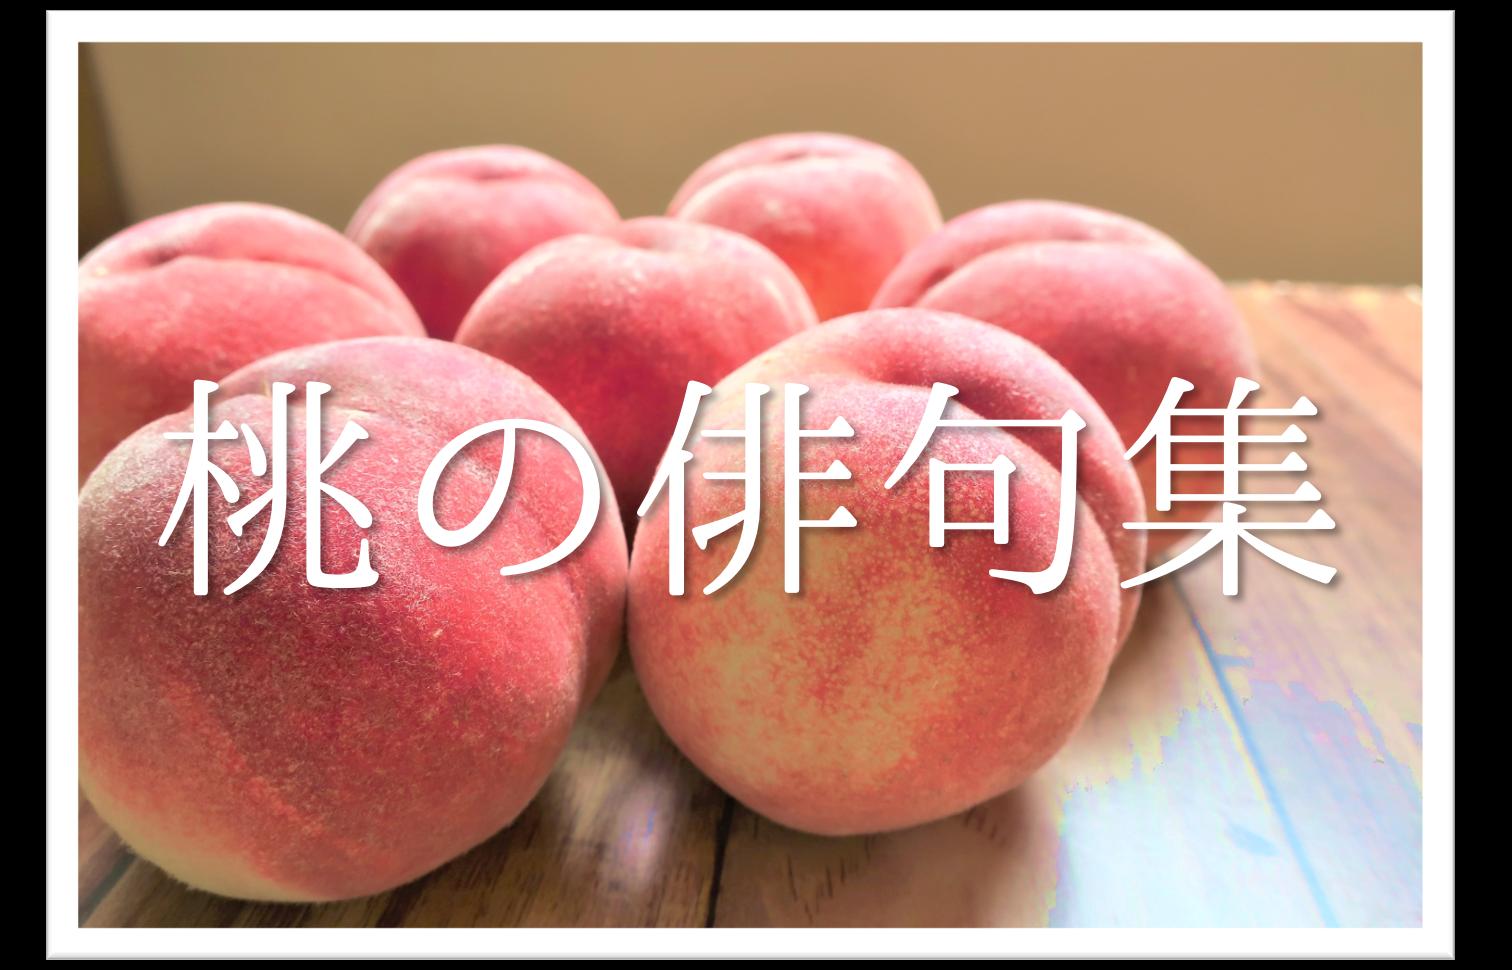 【桃の俳句 30選】知っておきたい!!季語を含むおすすめ有名&素人俳句を紹介!